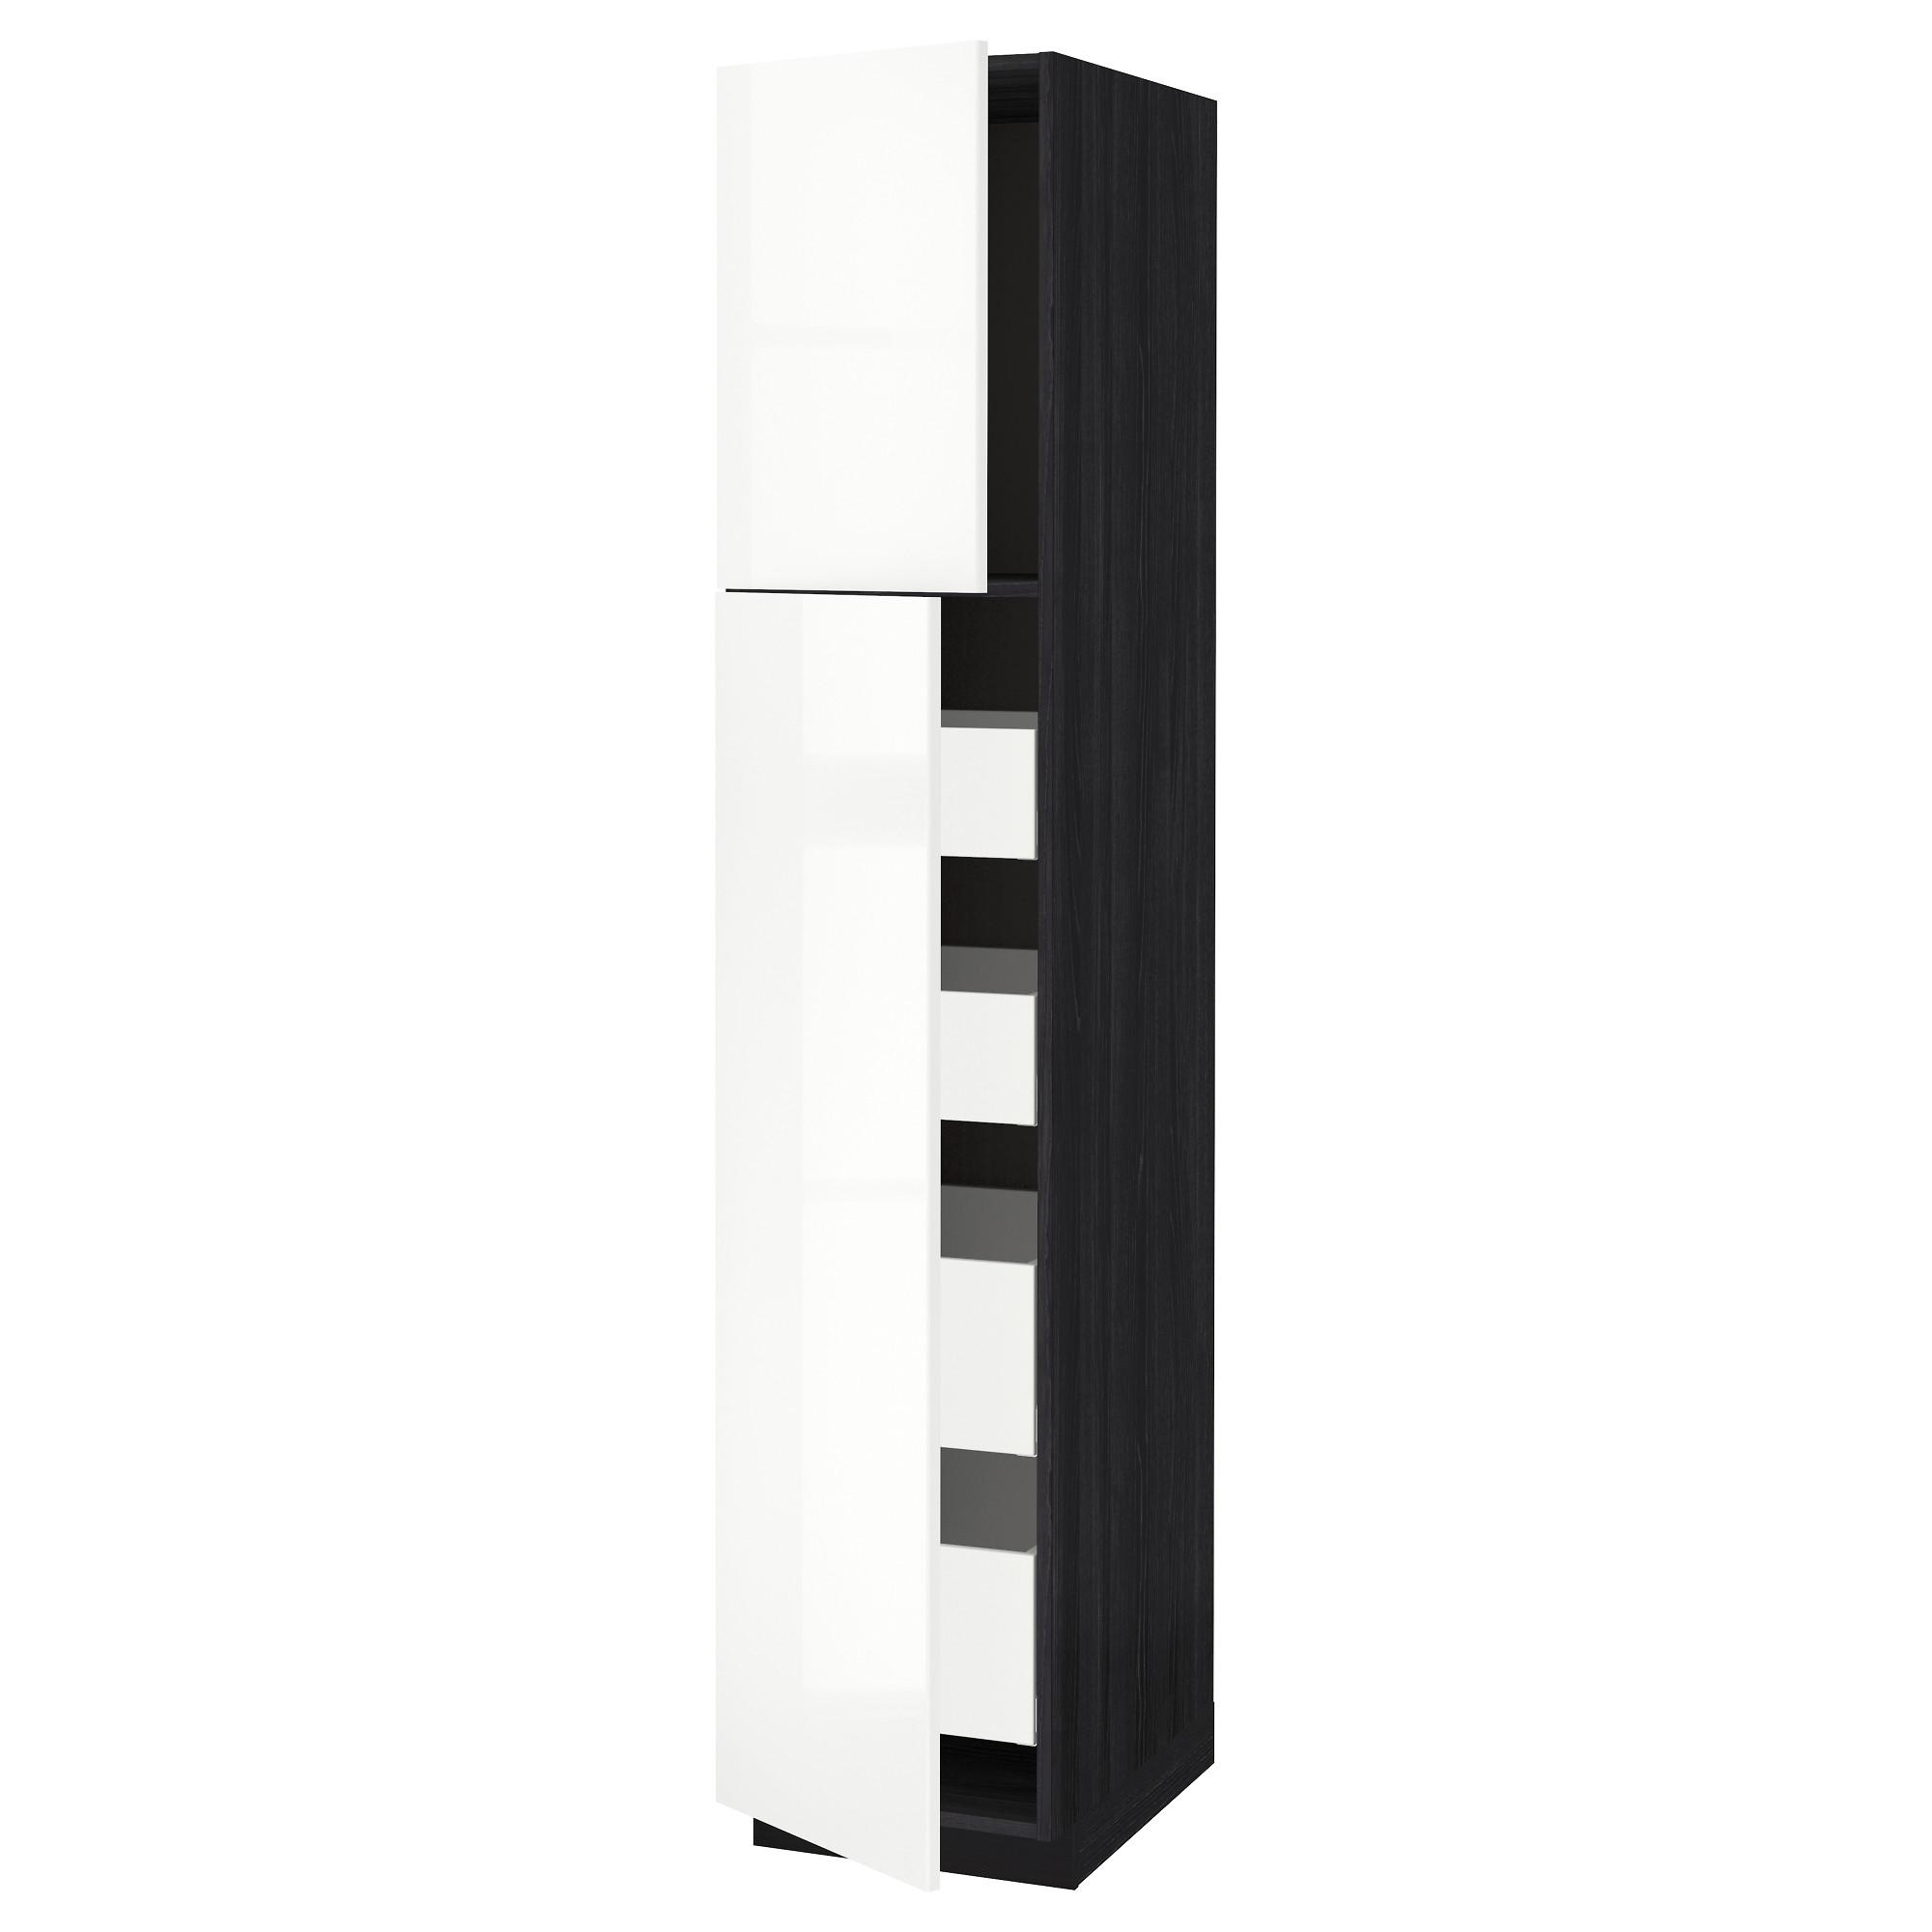 Высокий шкаф/2дверцы/4ящика МЕТОД / МАКСИМЕРА черный артикуль № 392.368.70 в наличии. Онлайн каталог IKEA РБ. Быстрая доставка и установка.